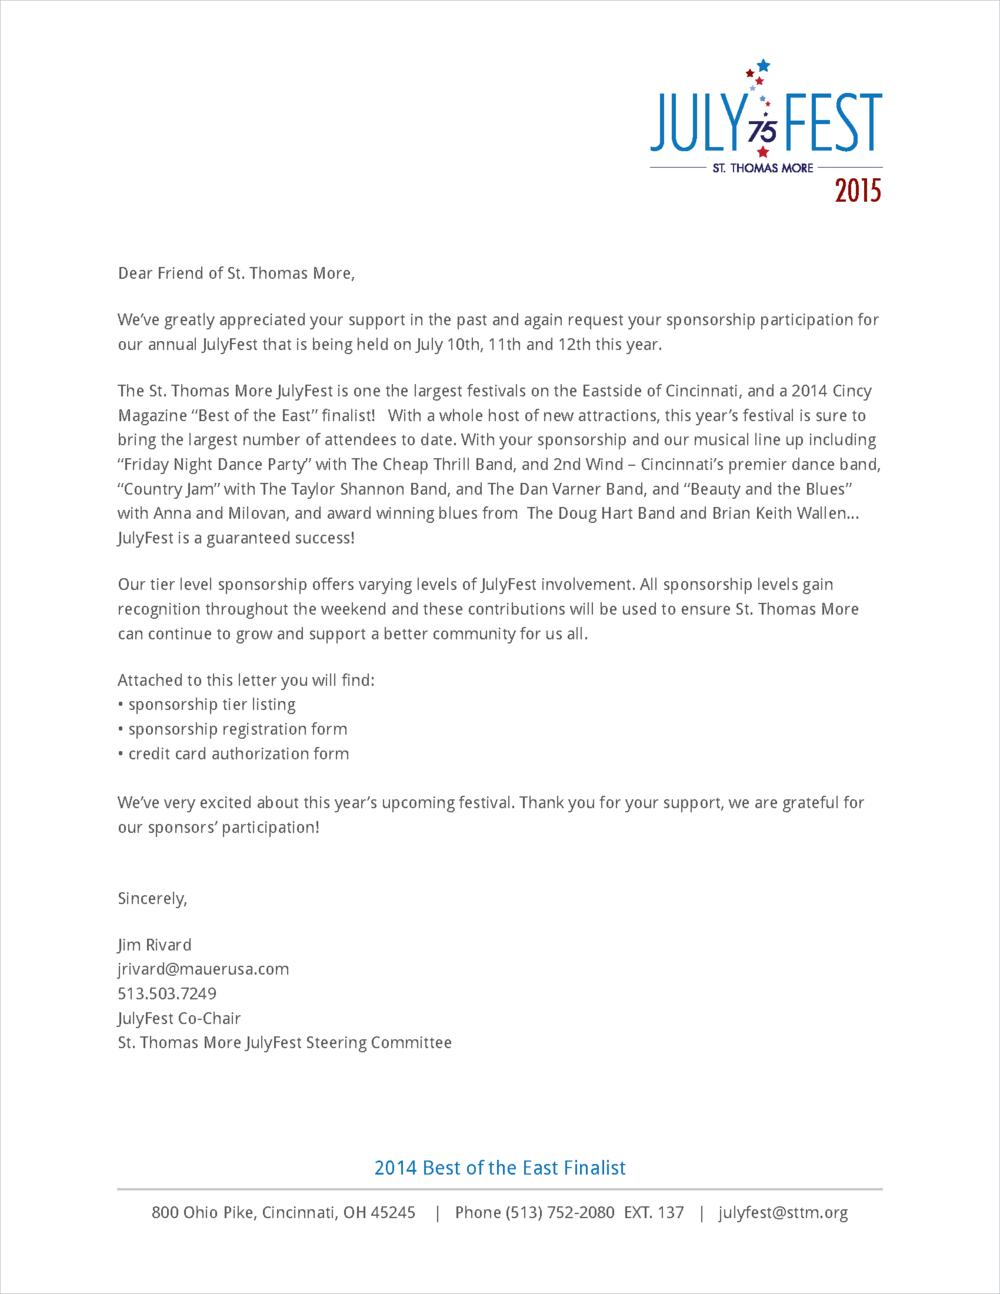 sponsorshipKit2015_FriendFA_Page_3.png